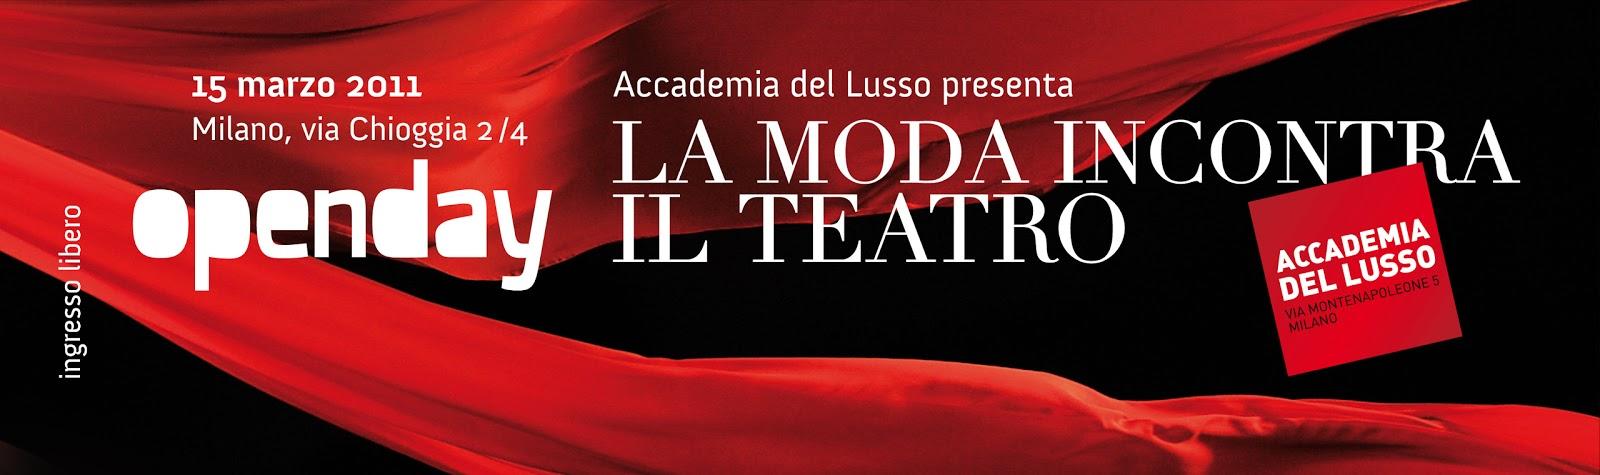 Dotgirl la moda incontra il teatro for Accademia milano moda